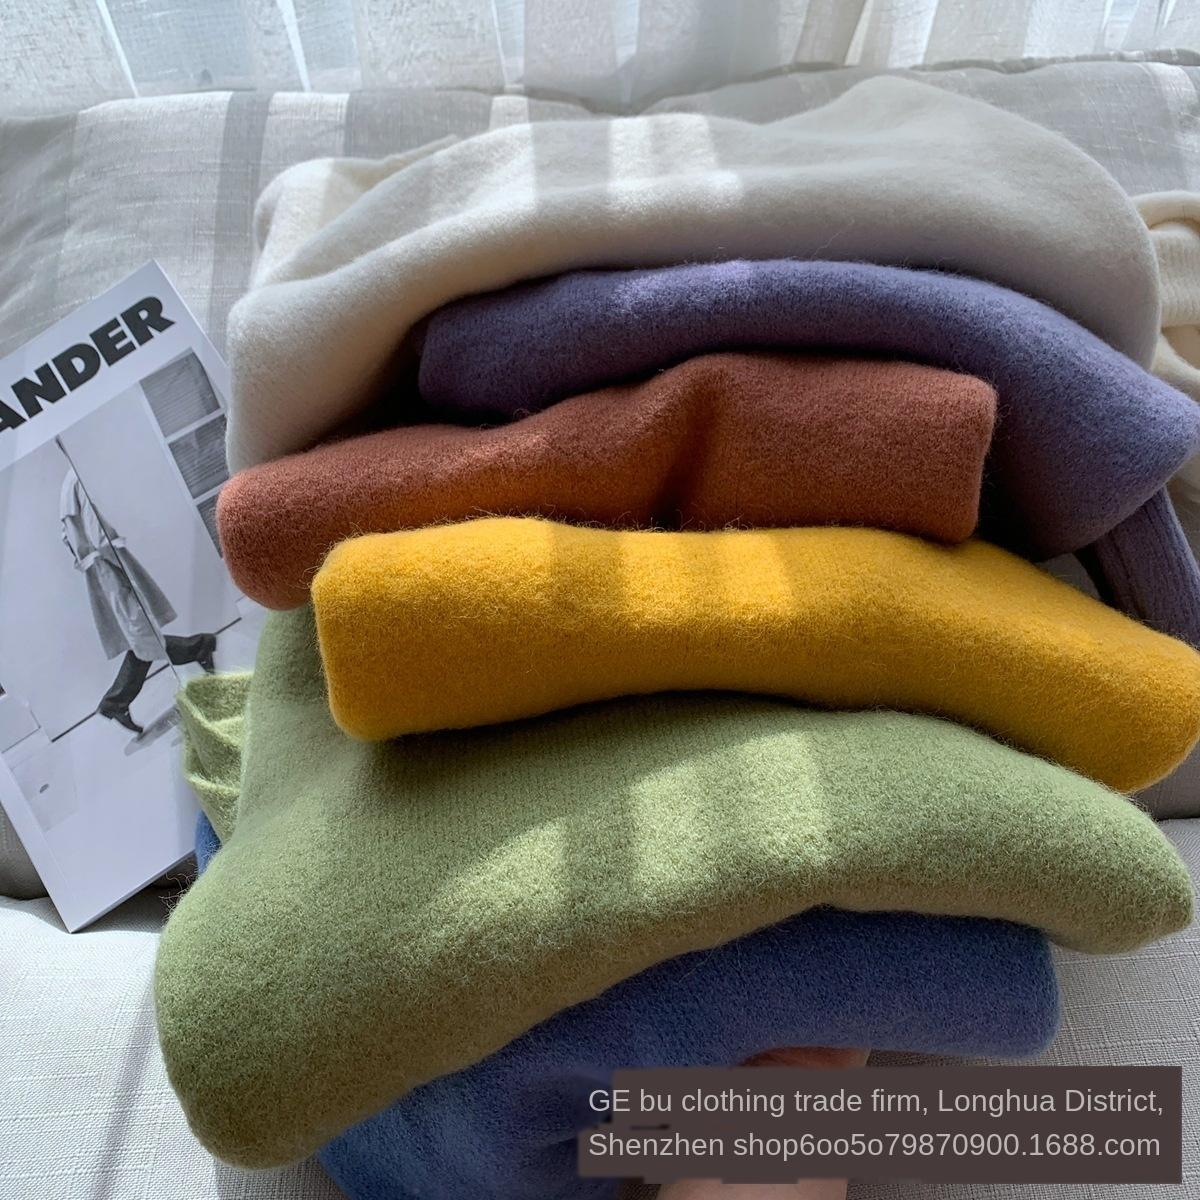 JCK3E Winter Herbst und Wintermantel verdickt koreanischen Stil l Herbst und eQsKw Warm sweaterCoat sweaterthickened Pullover koreanische Artfrauen